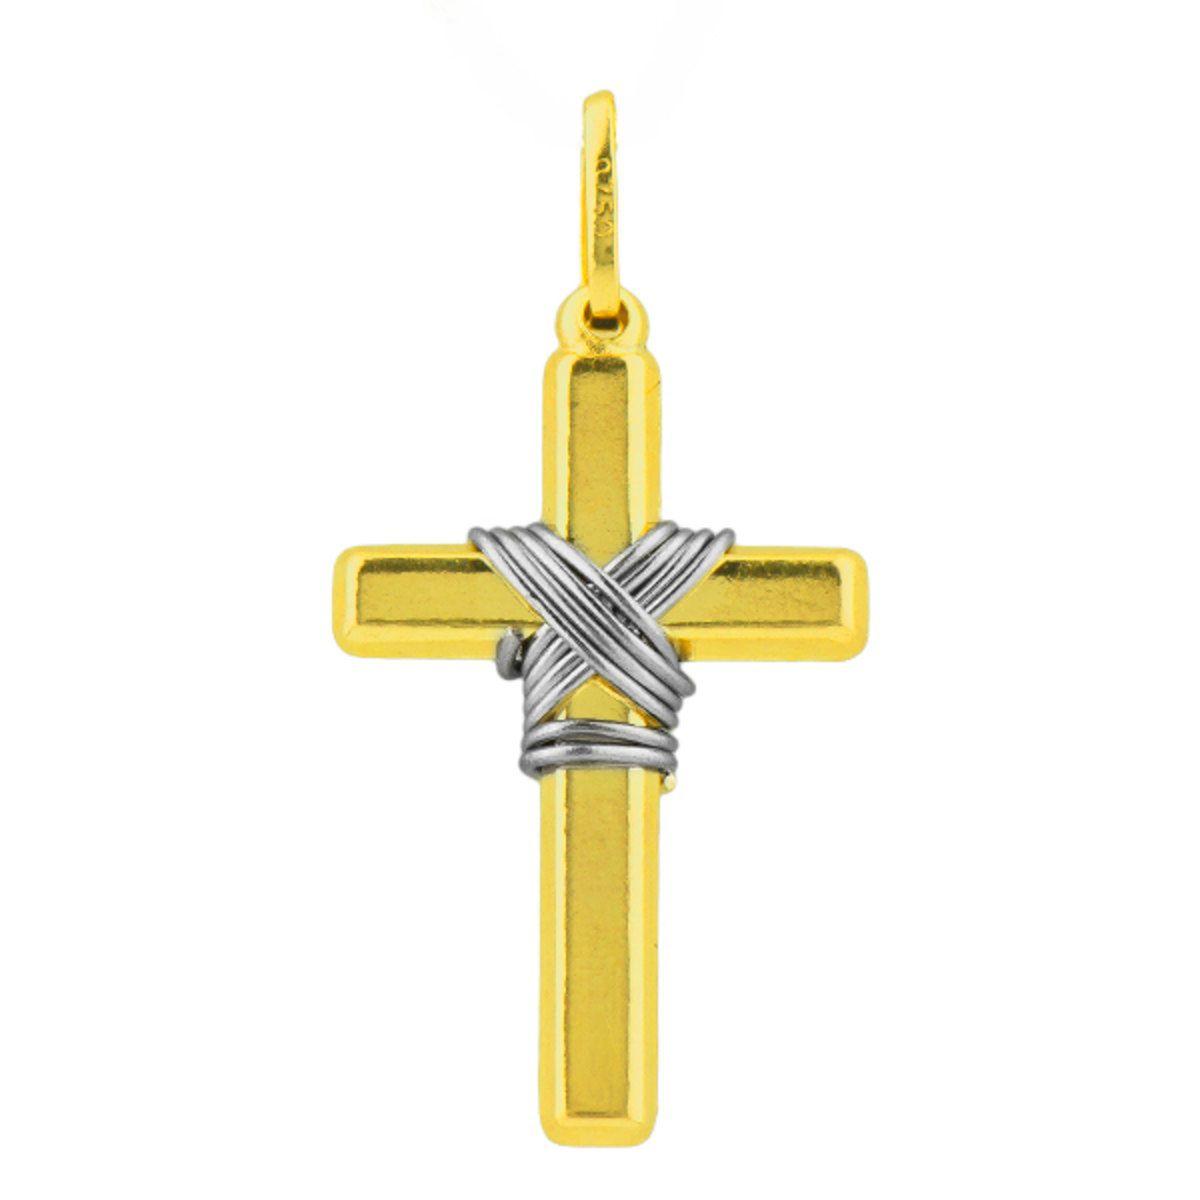 Pingente Cruz com Detalhe em Ródio Ouro 18k